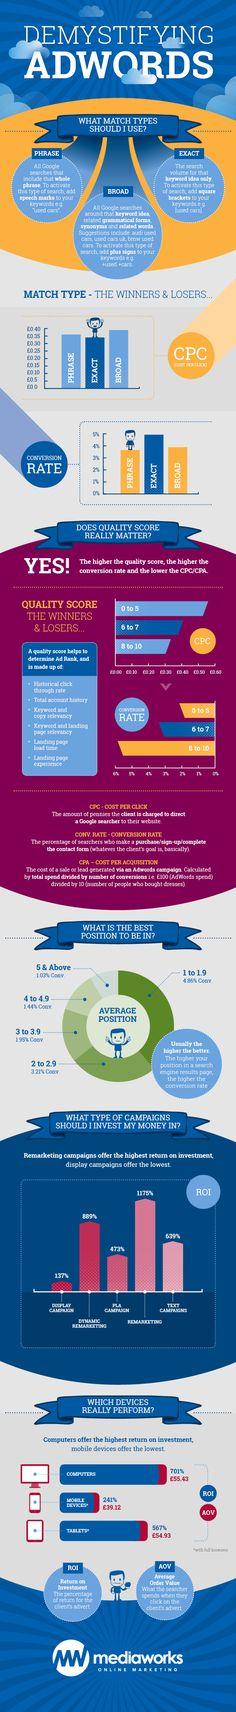 http://dingox.com Google Adwords explained. For more social media marketing visit www.socialmediabusinessacademy.com Adwords Infographic